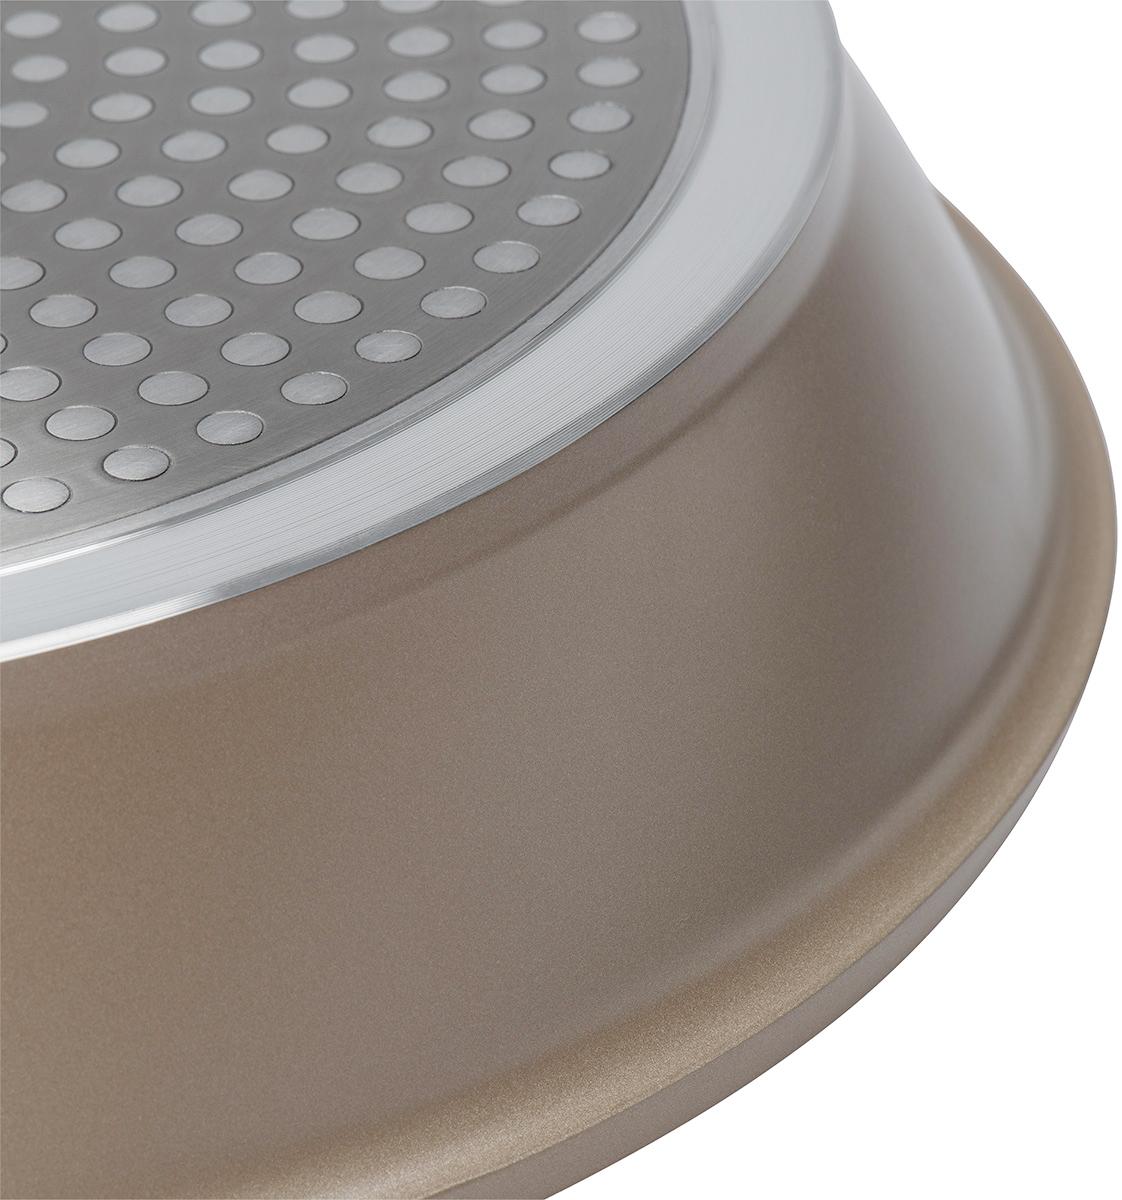 """Сковорода Polaris """"Stone"""" изготовлена из высококачественного литого алюминия. Внутреннее трехслойное немецкое антипригарное покрытие Greblon C3 на водной основе обеспечивает непревзойденную стойкость к царапинам. Специальное утолщенное дно позволяет посуде быстро и равномерно нагреваться. При готовке можно использовать металлические кухонные аксессуары. Сковорода оснащена эргономичной не нагревающейся ручкой из бакелита.Подходит для всех типов плит, включая индукционные. Можно мыть в посудомоечной машине.Диаметр сковороды: 24 см. Высота стенки: 5,5 см. Длина ручки: 19,5 см.Диаметр индукционного диска: 20,5 см."""